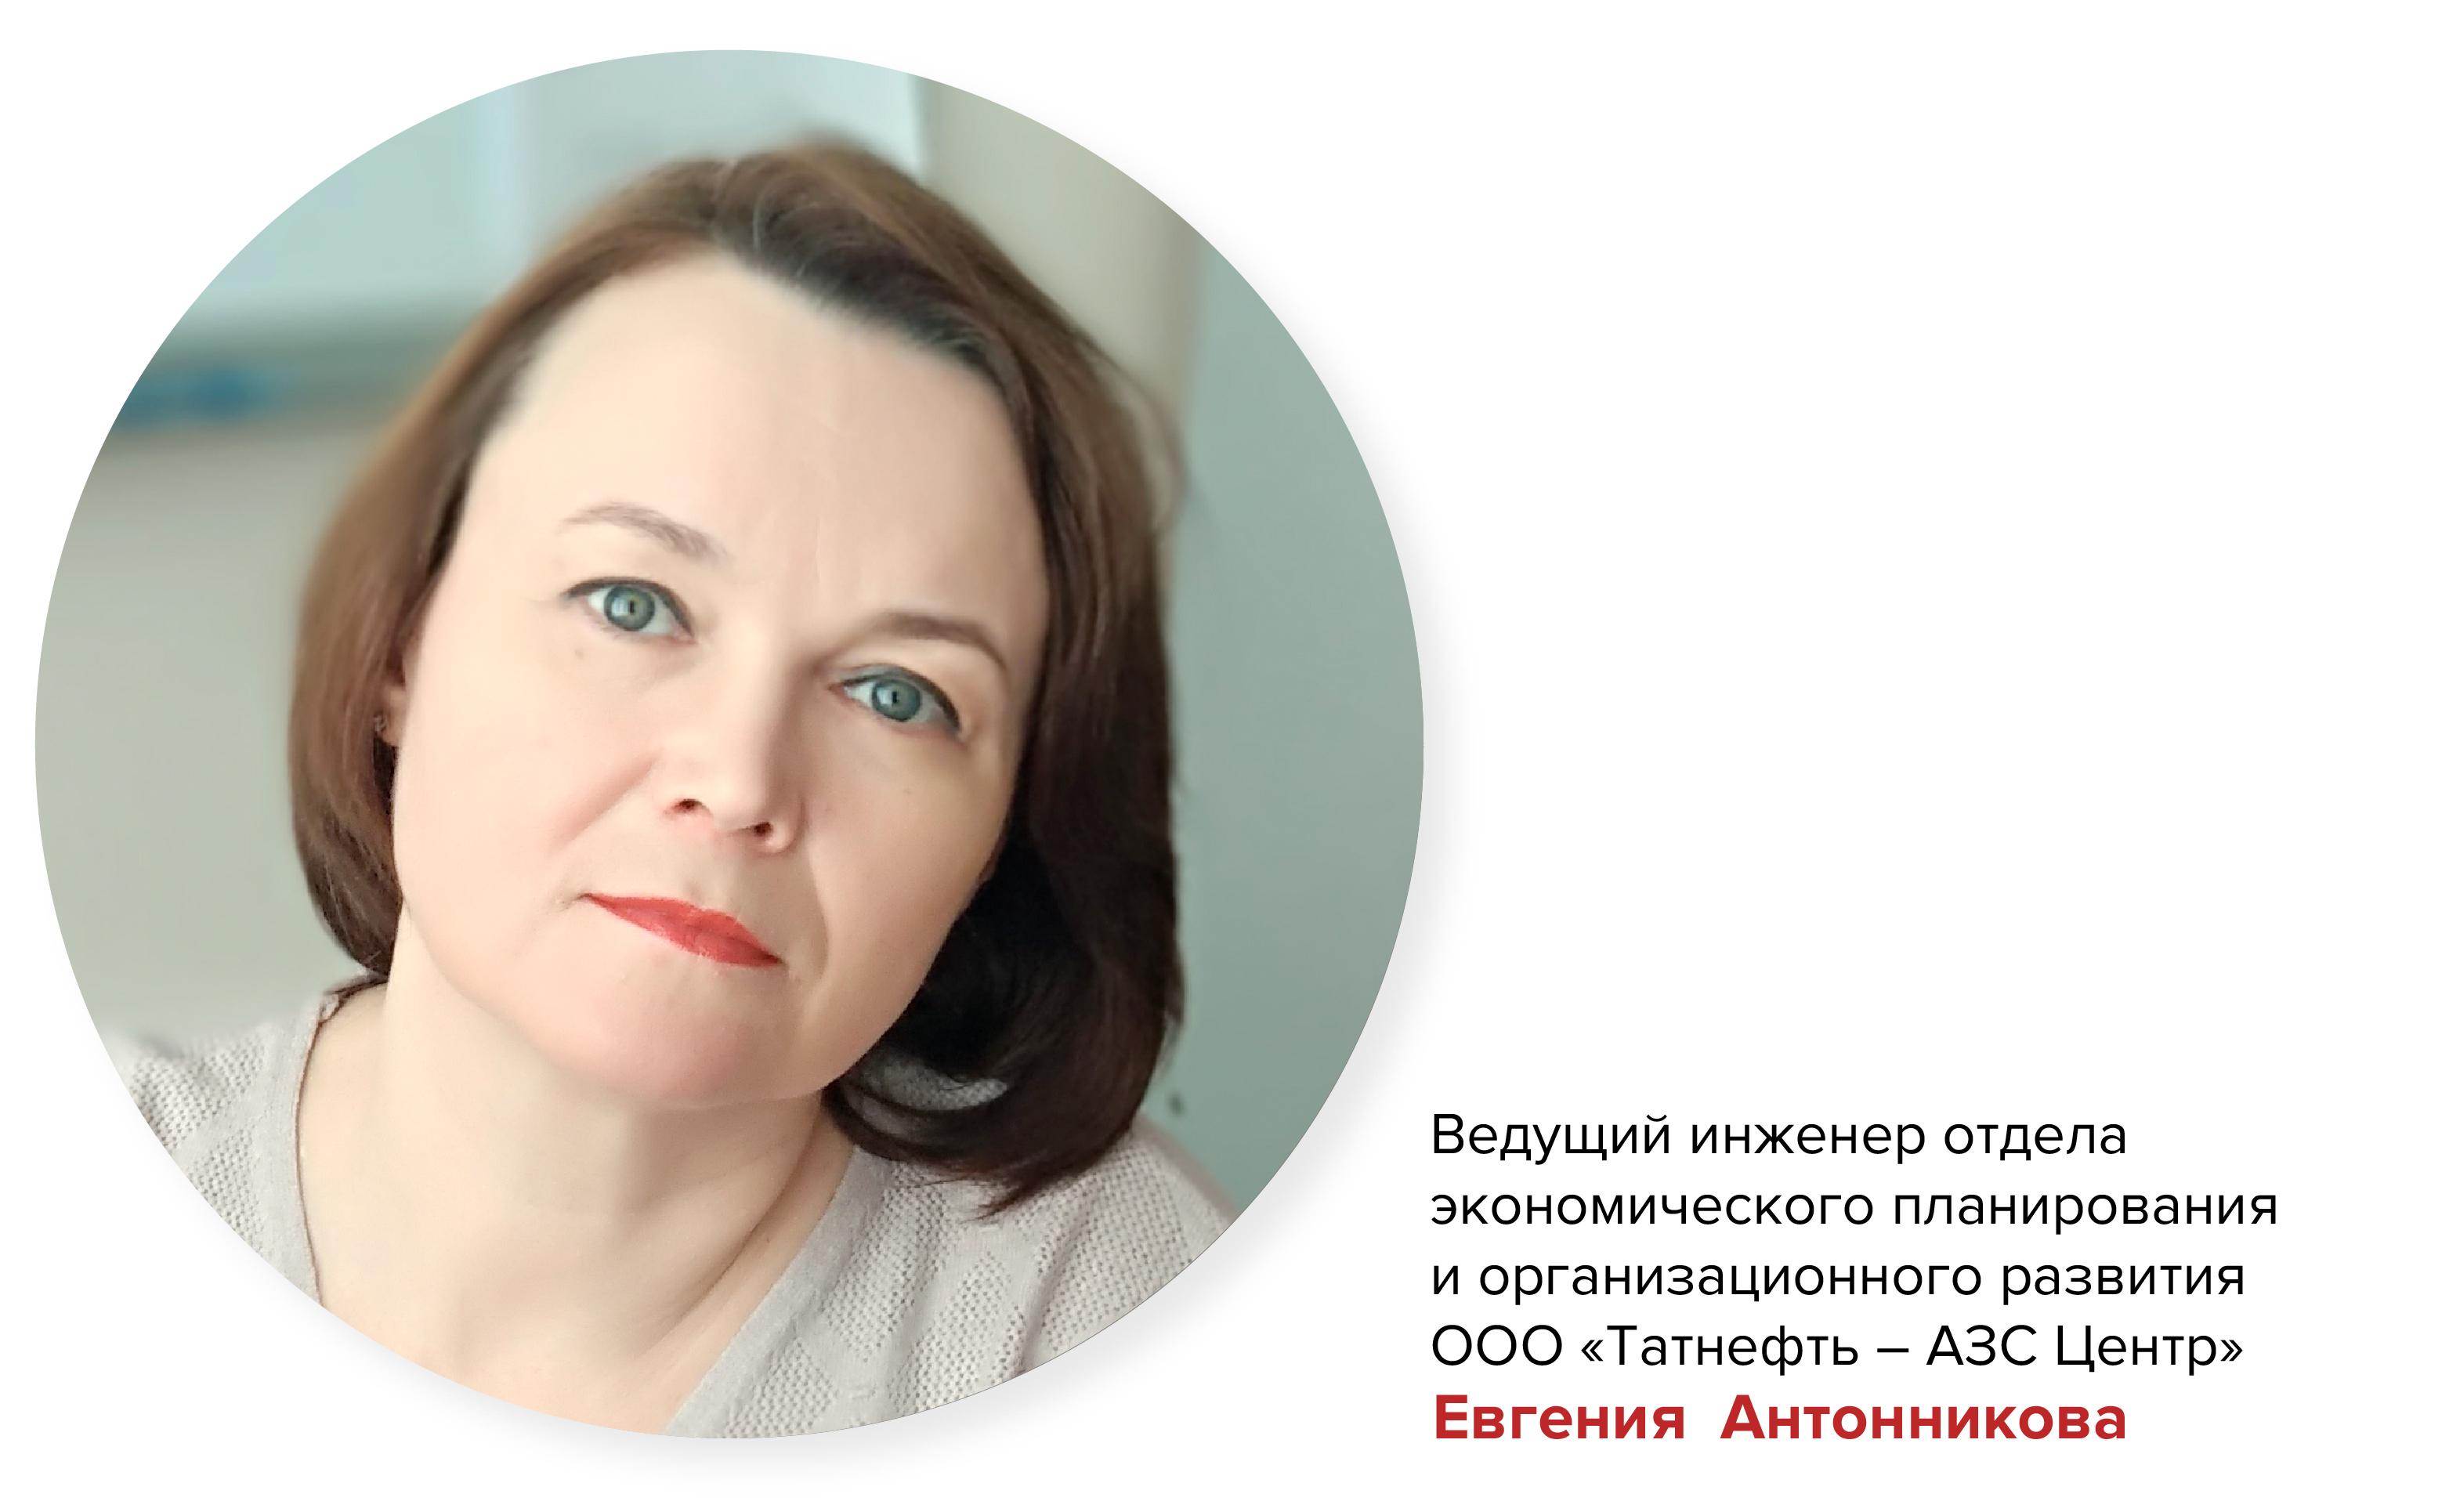 Антонникова